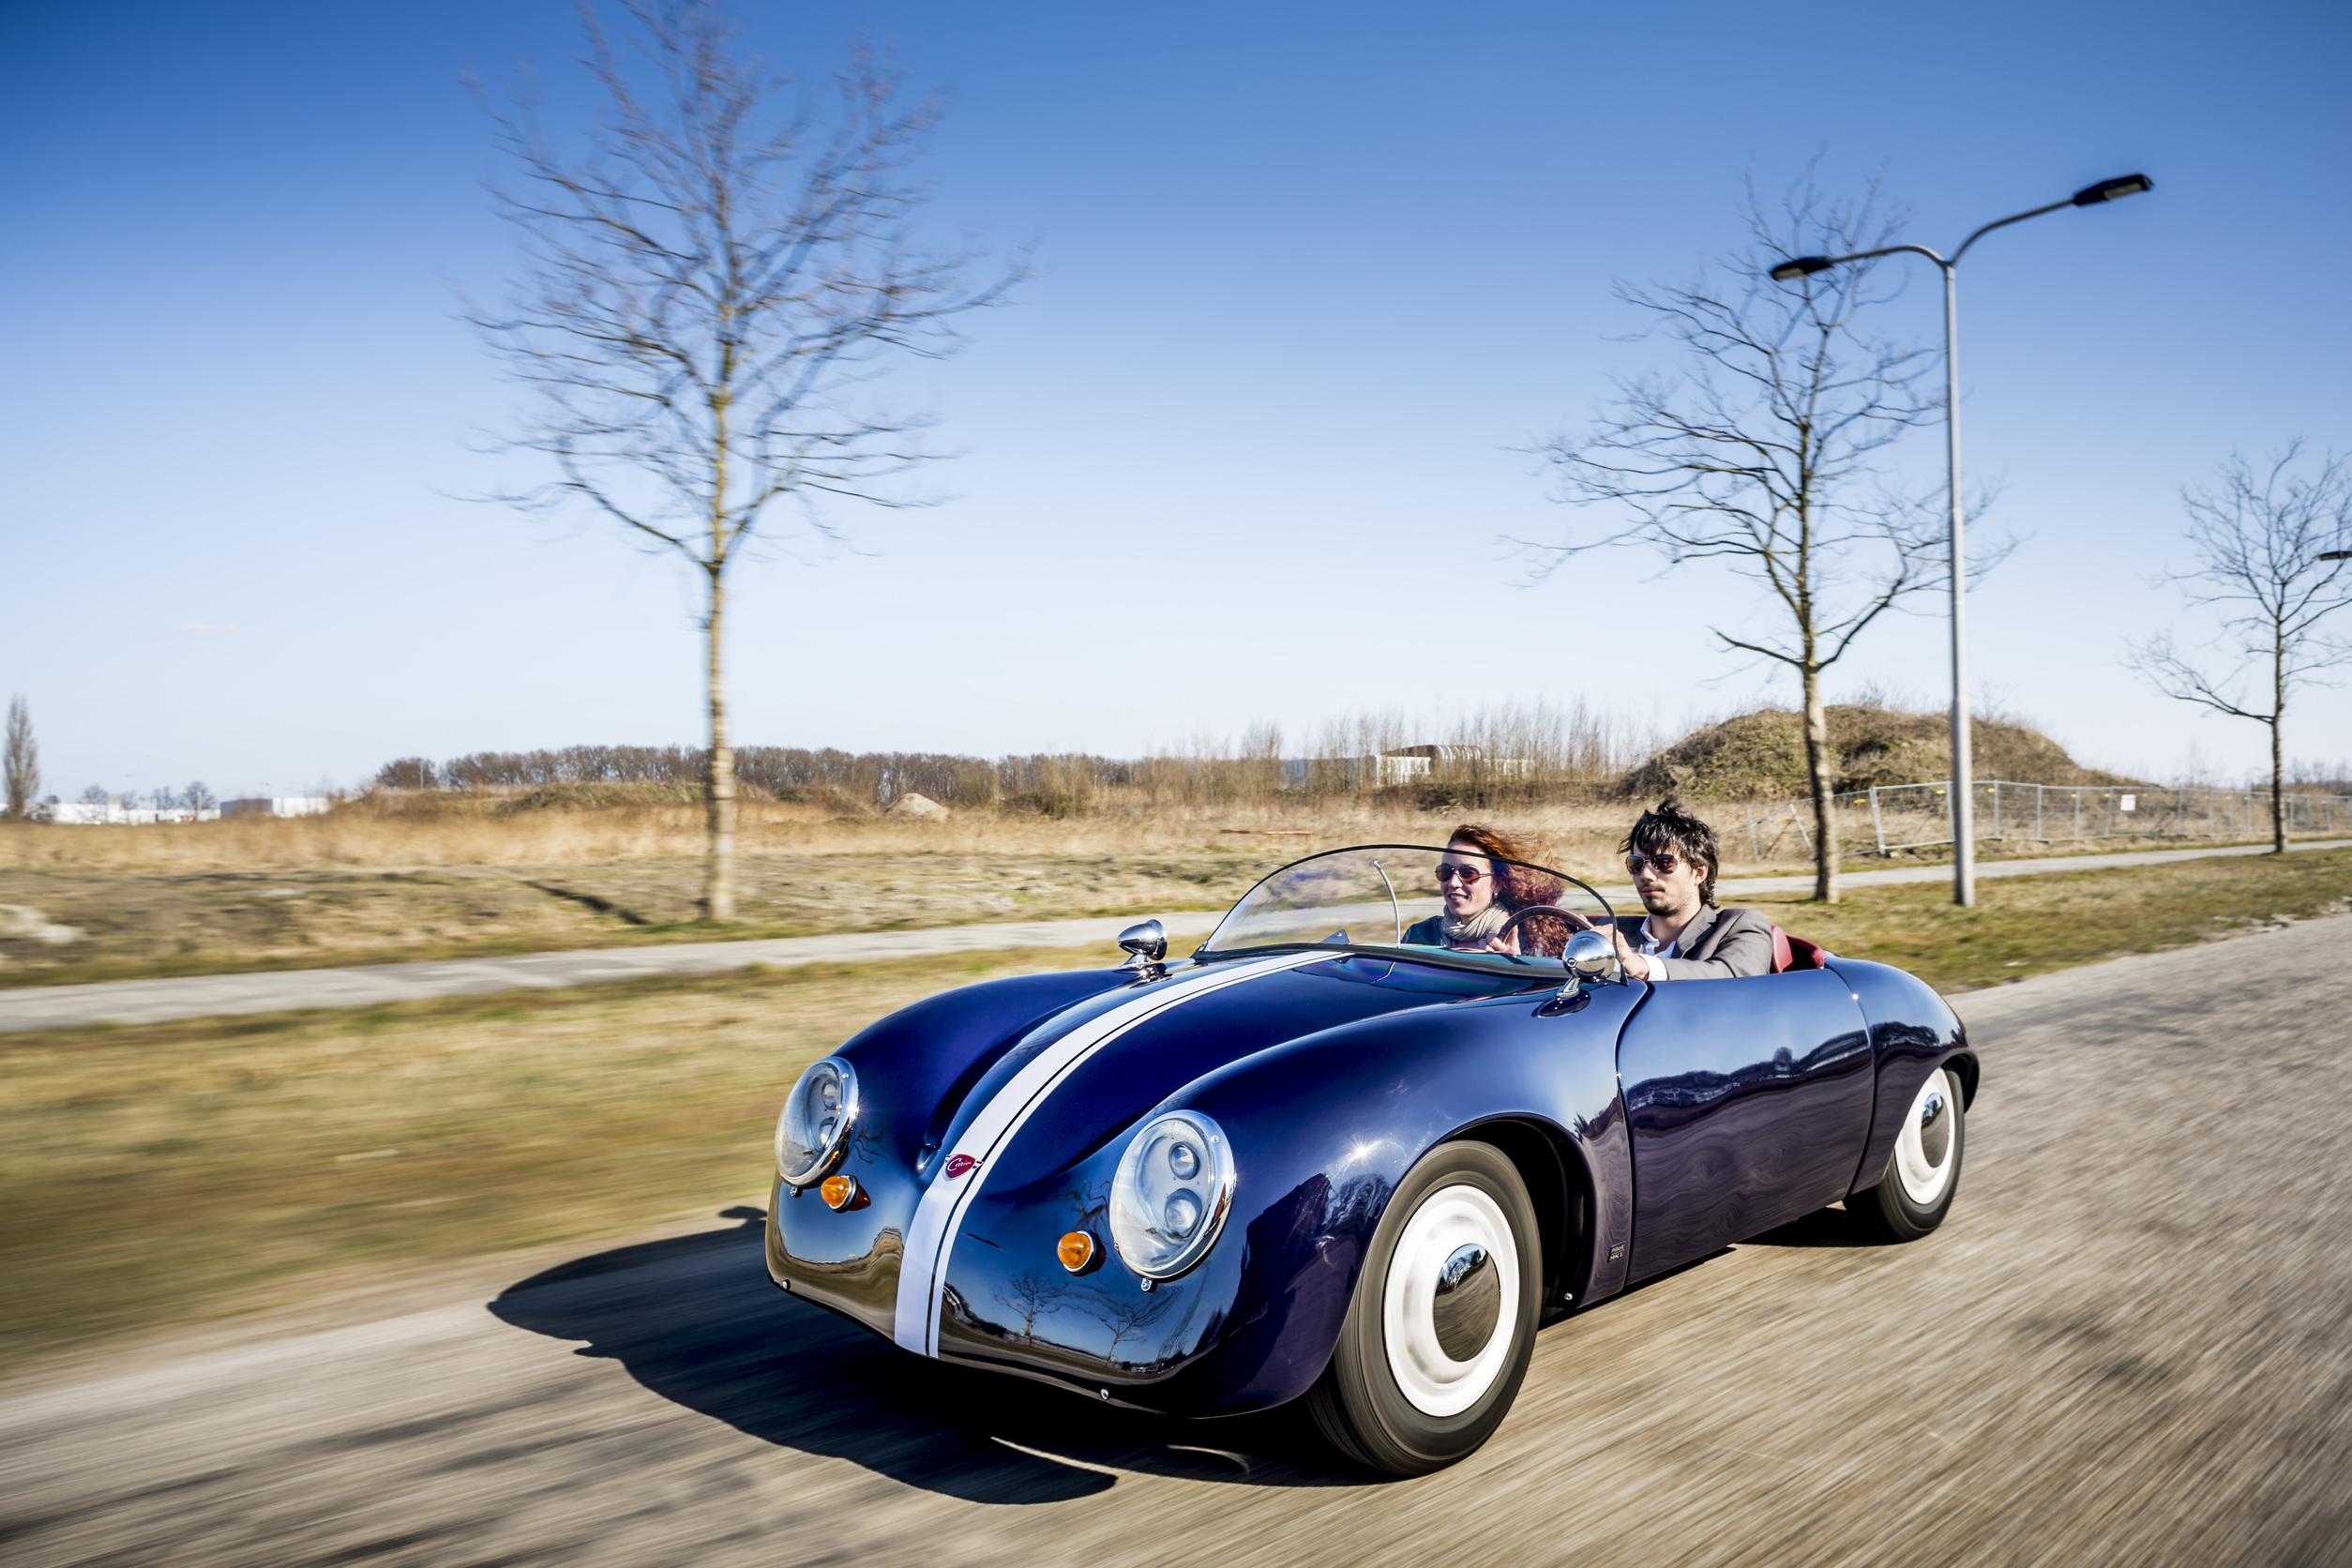 Unvorstellbar - Helmpflicht für Cabrio-Fahrer